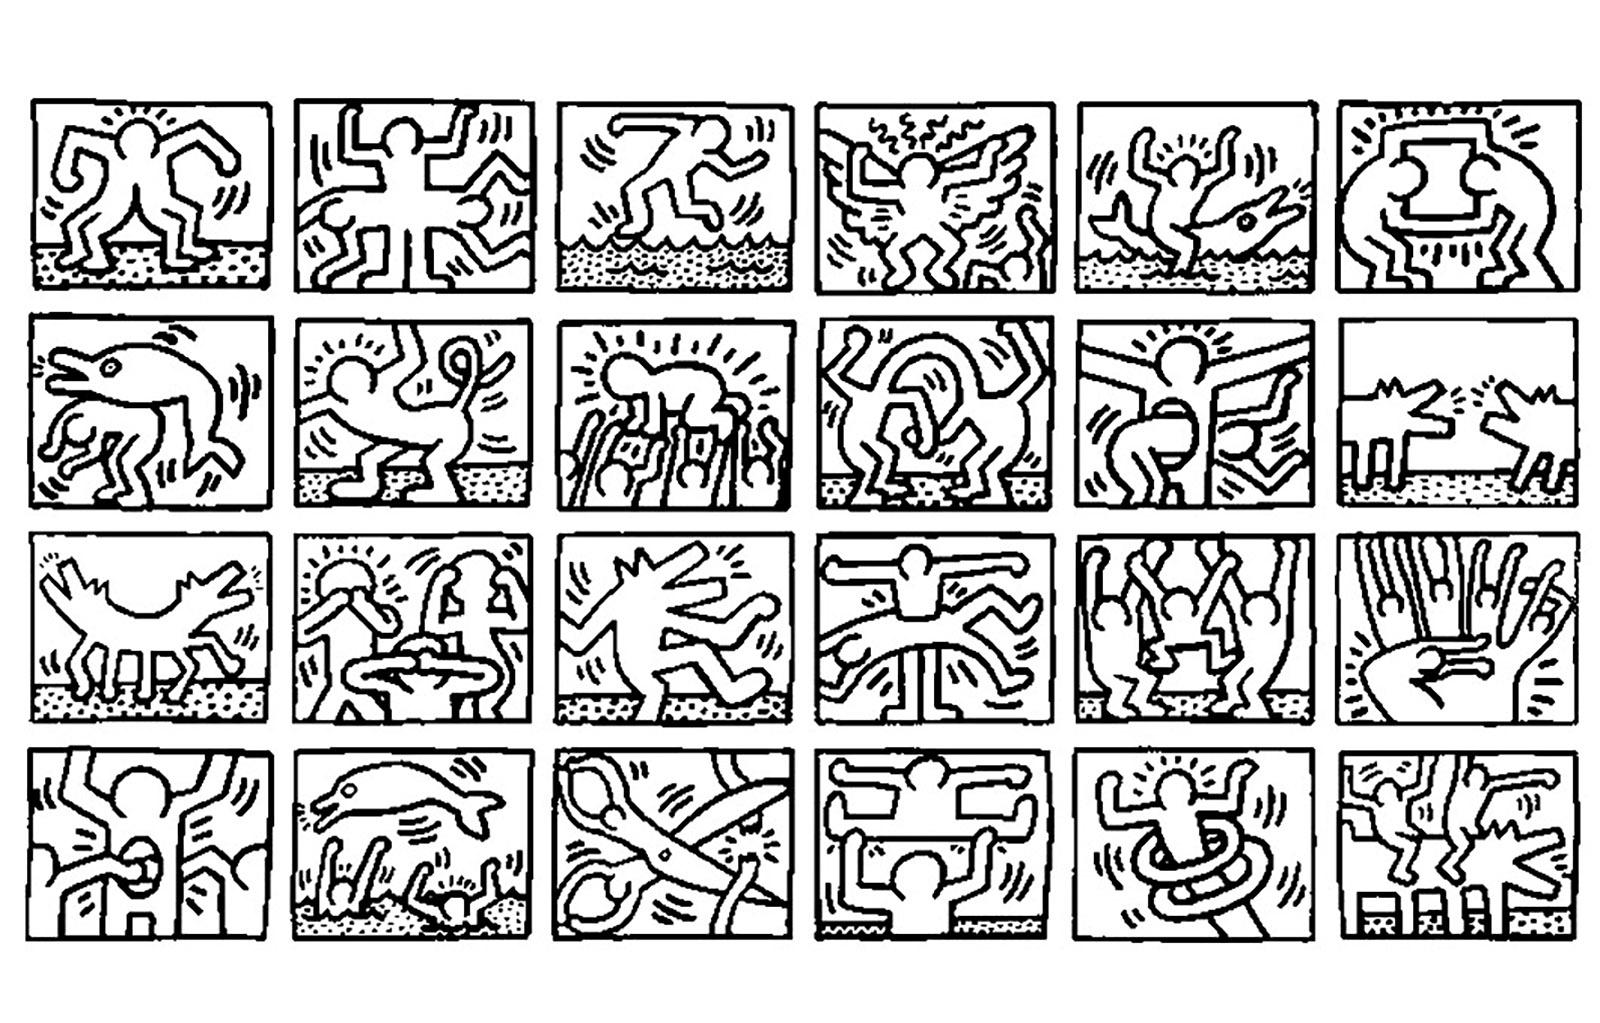 Pop Art 23174 - Pop Art - Malbuch Fur Erwachsene über Keith Haring Malvorlagen